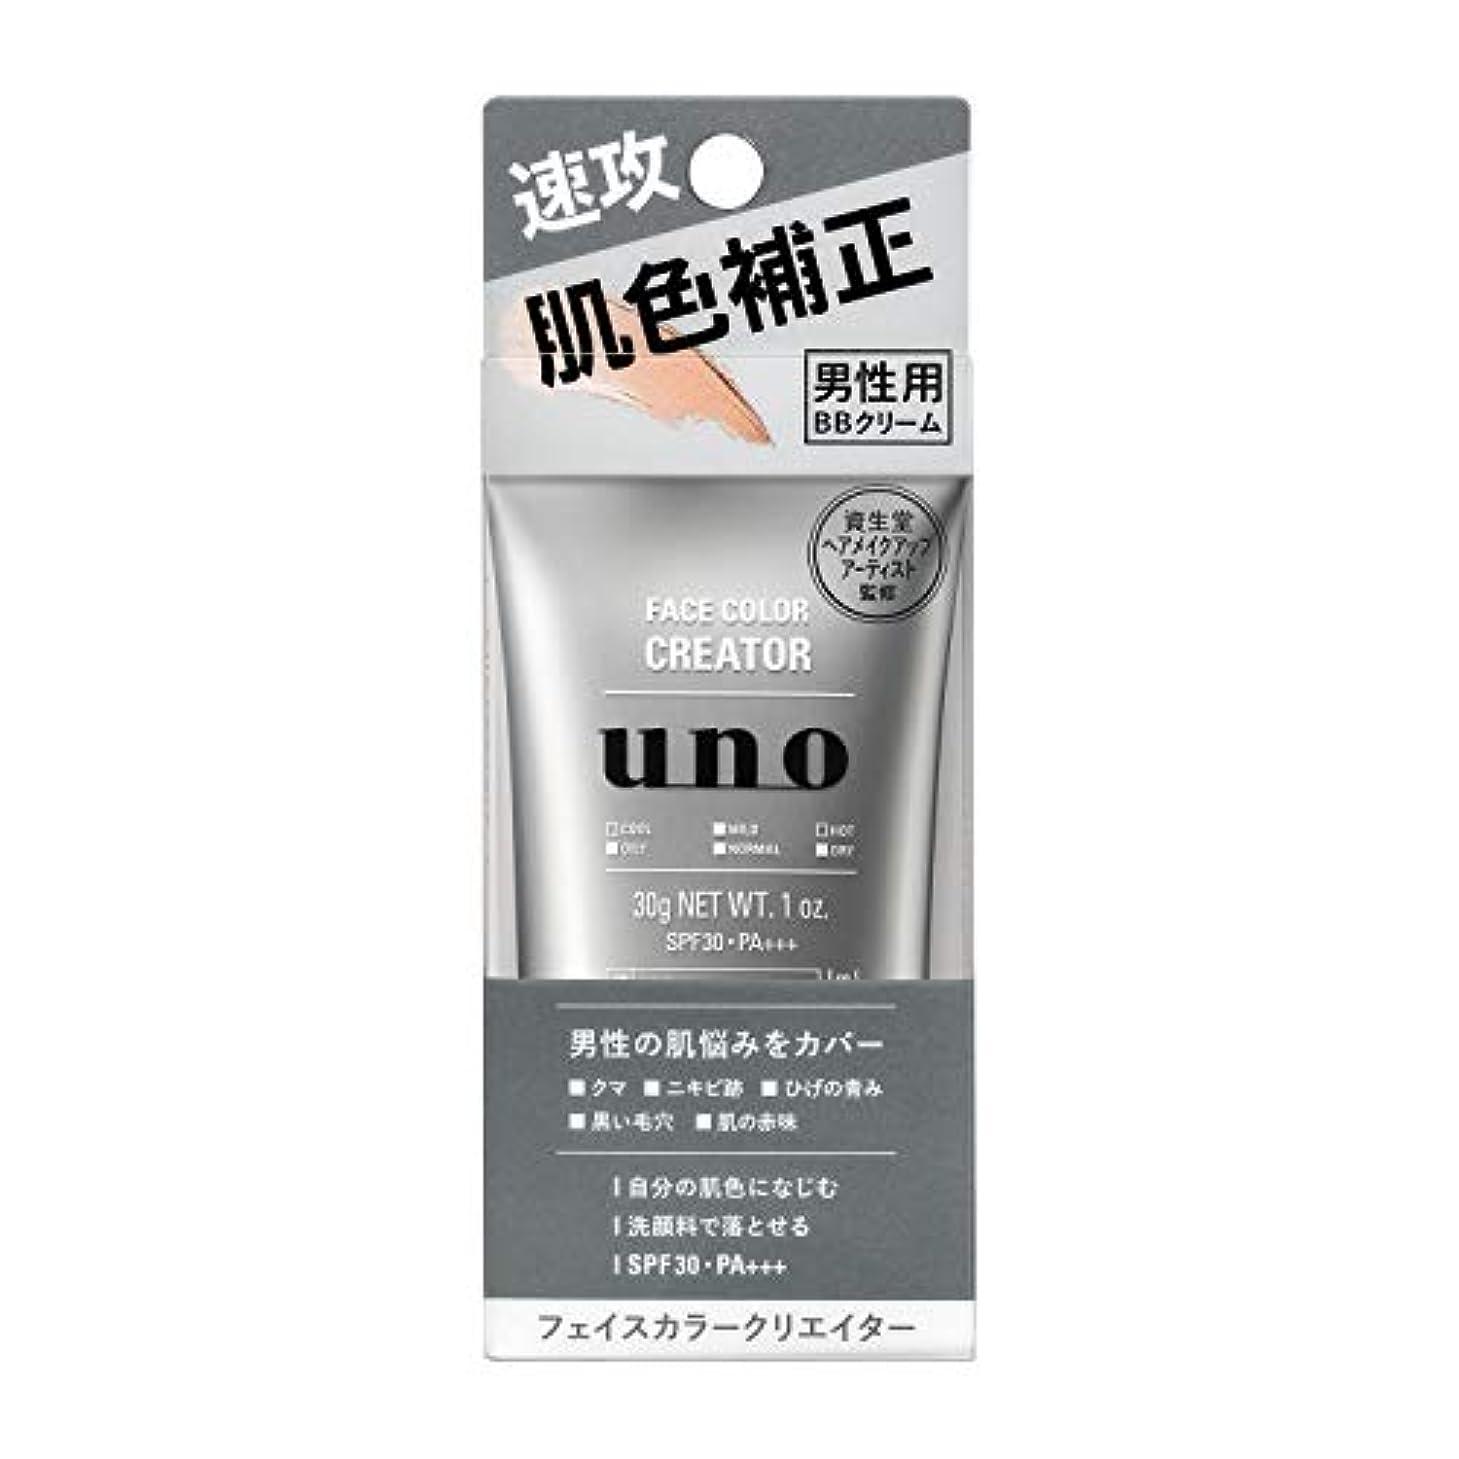 彼自身ふくろう暴力UNO(ウーノ)フェイスカラークリエイター BBクリーム メンズ SPF30 PA+++ 30g